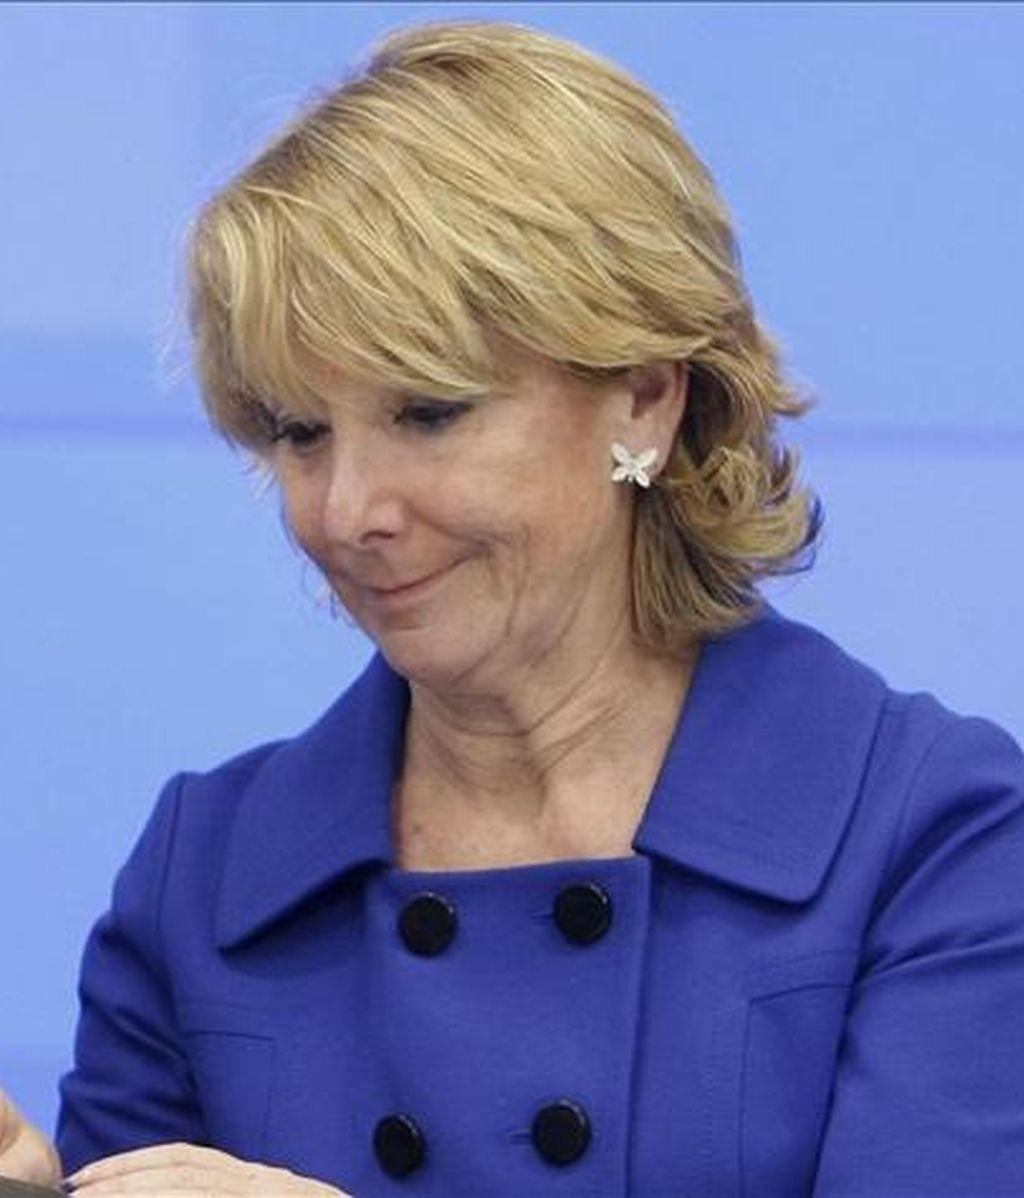 La presidenta de la Comunidad de Madrid, Esperanza Aguirre. EFE/Archivo